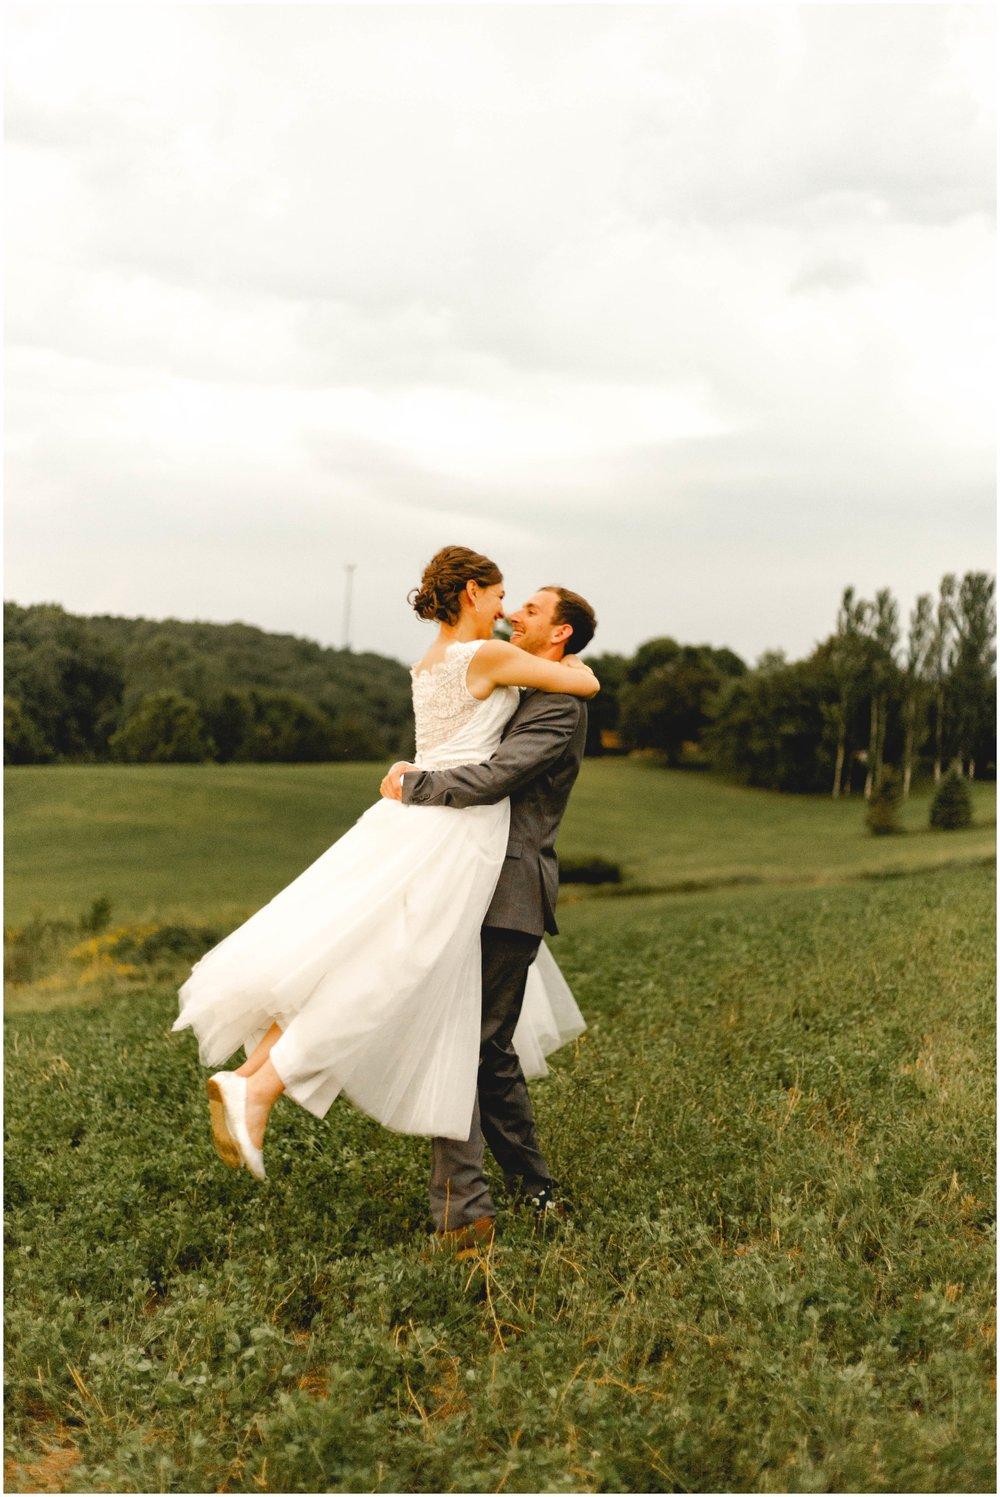 Chaska Minnesota Wedding Venue- The Outpost Center_0796.jpg